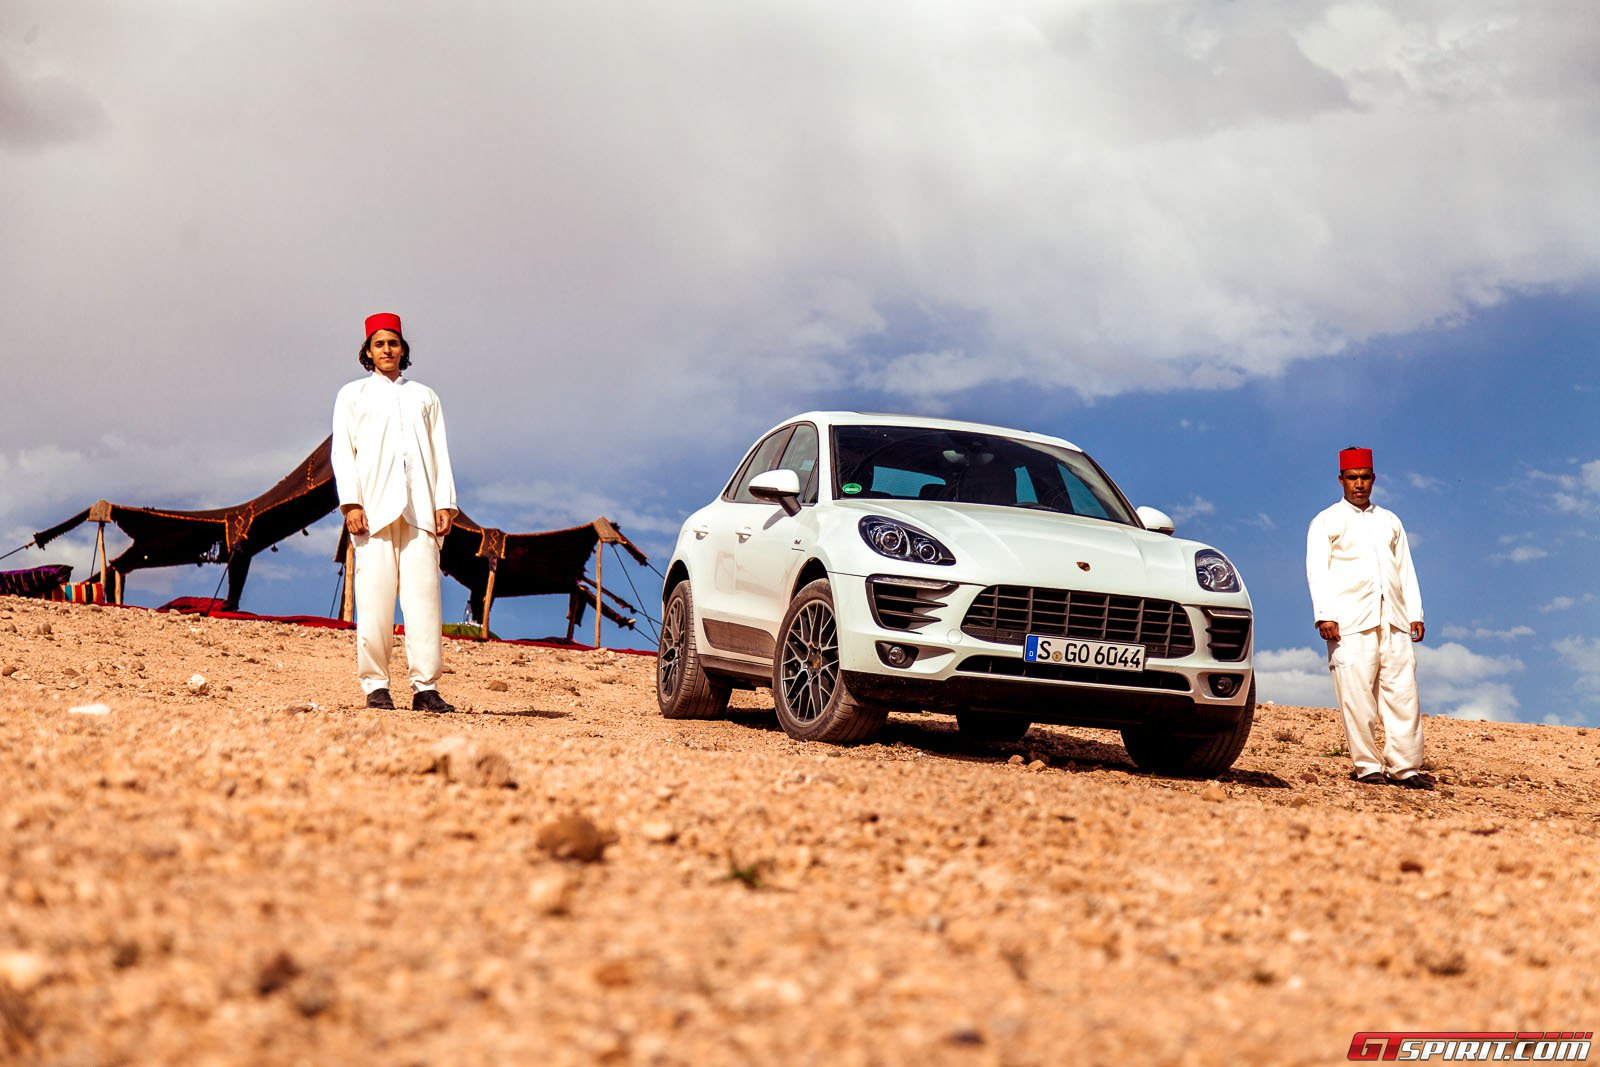 Автомобиль Порше Макан в Марокко